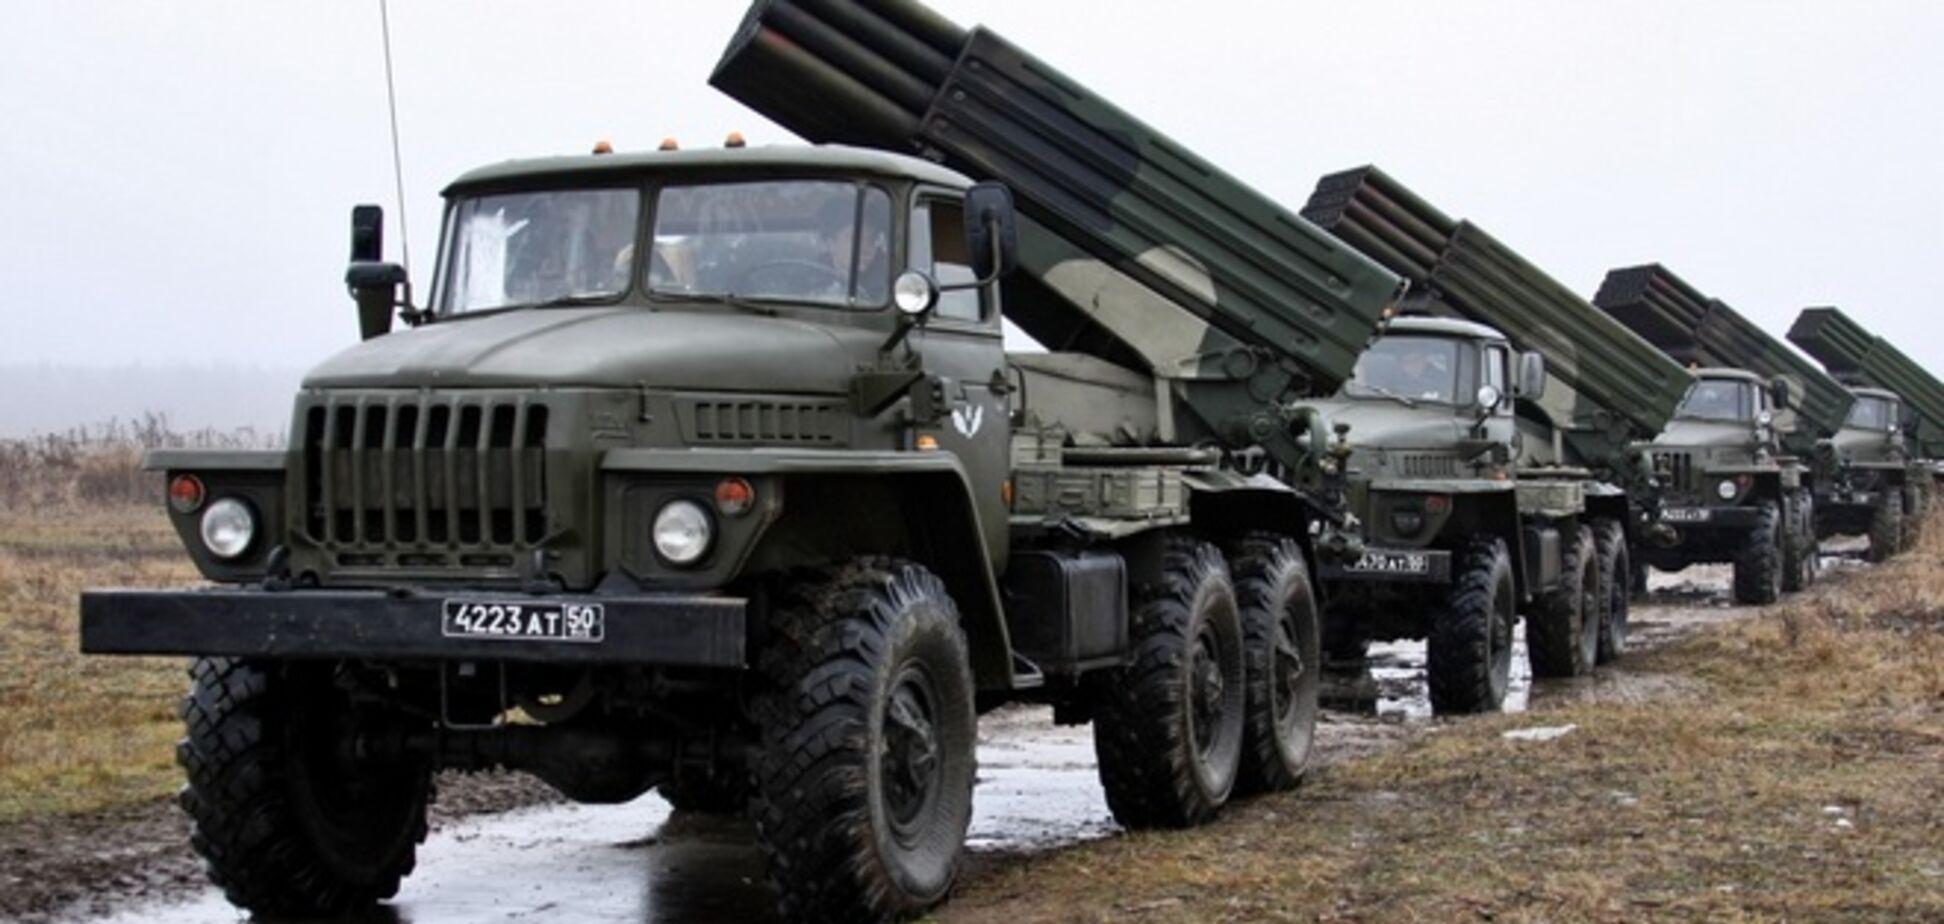 На Донбасс вошли новые колонны военной техники РФ, обещают бойцам АТО 'тяжелый понедельник'  - СМИ